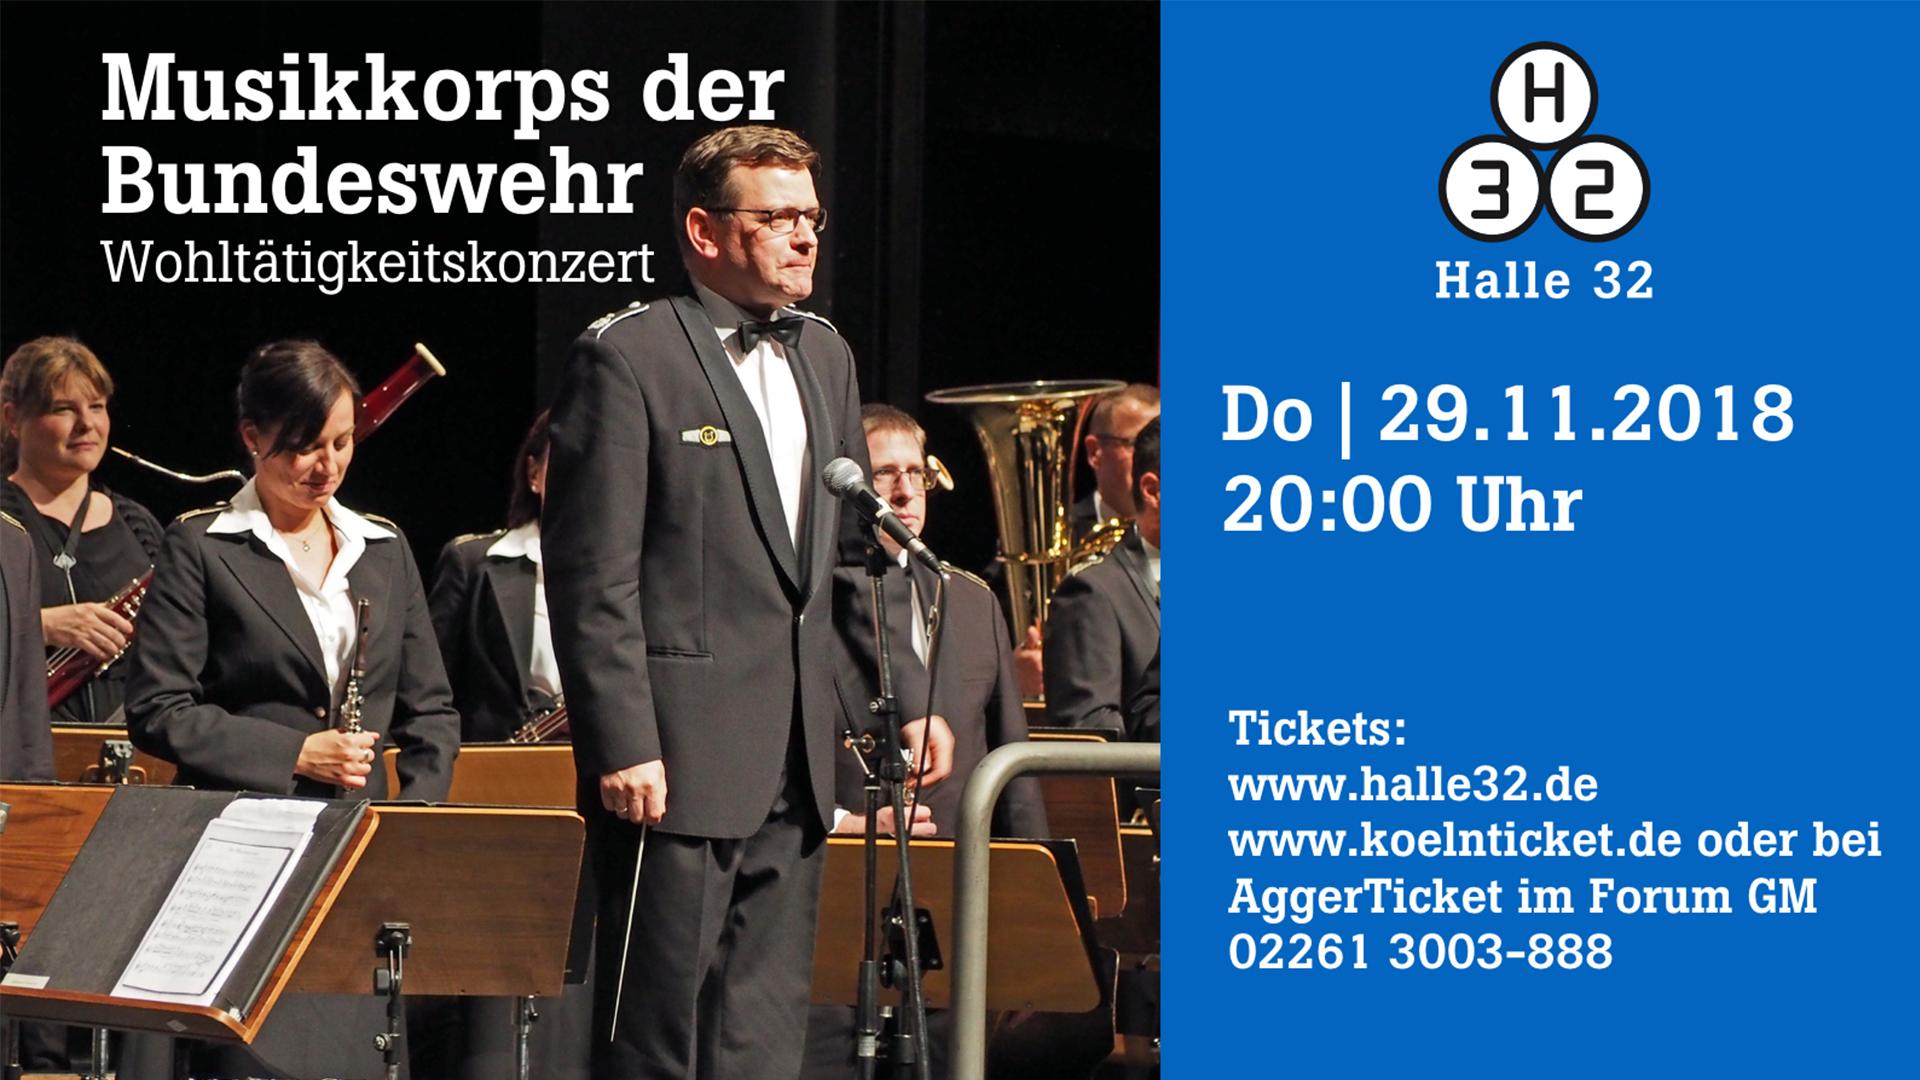 Halle 32   Musikkorps der Bundeswehr